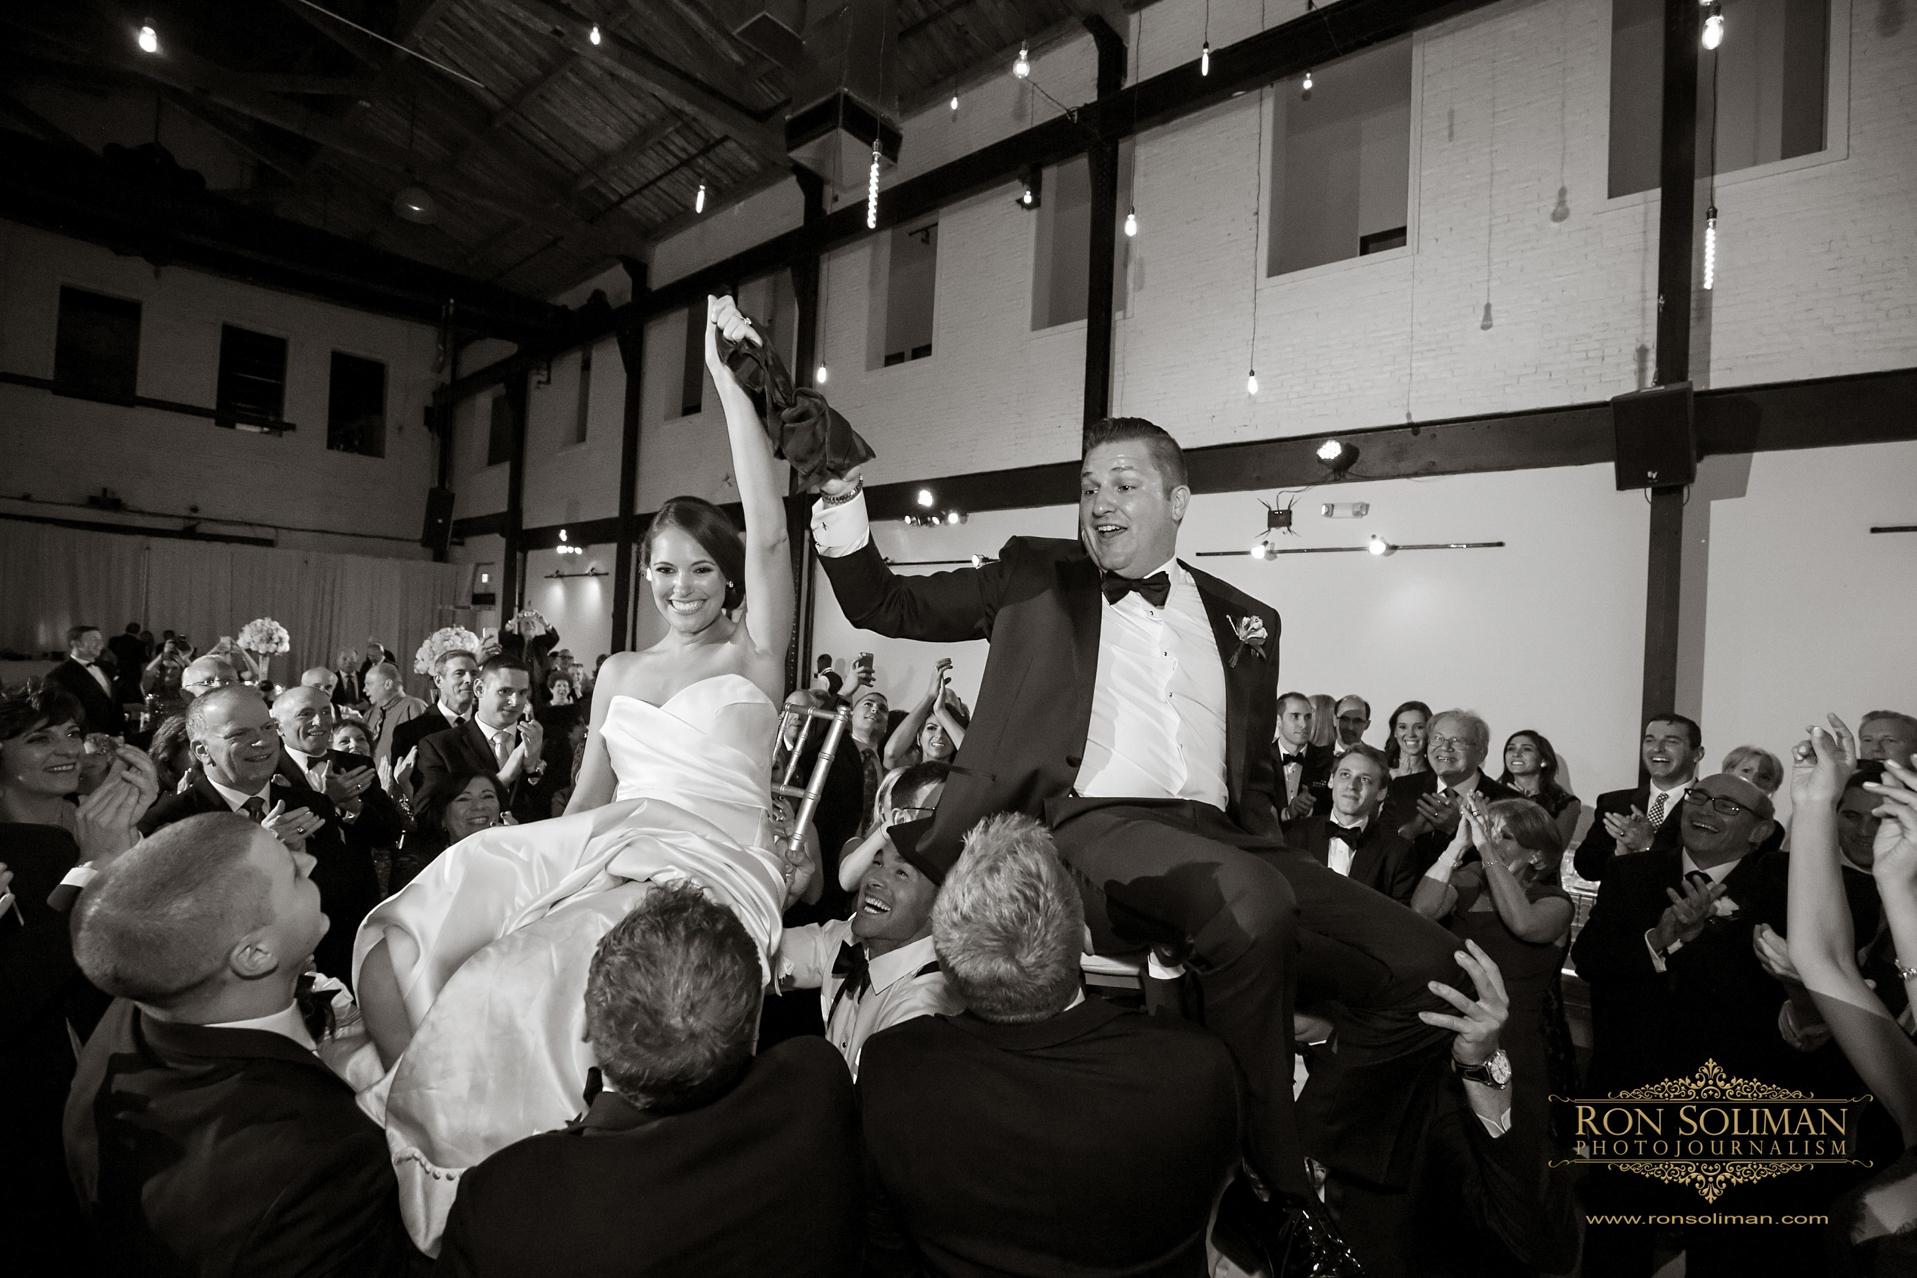 Hora wedding photos